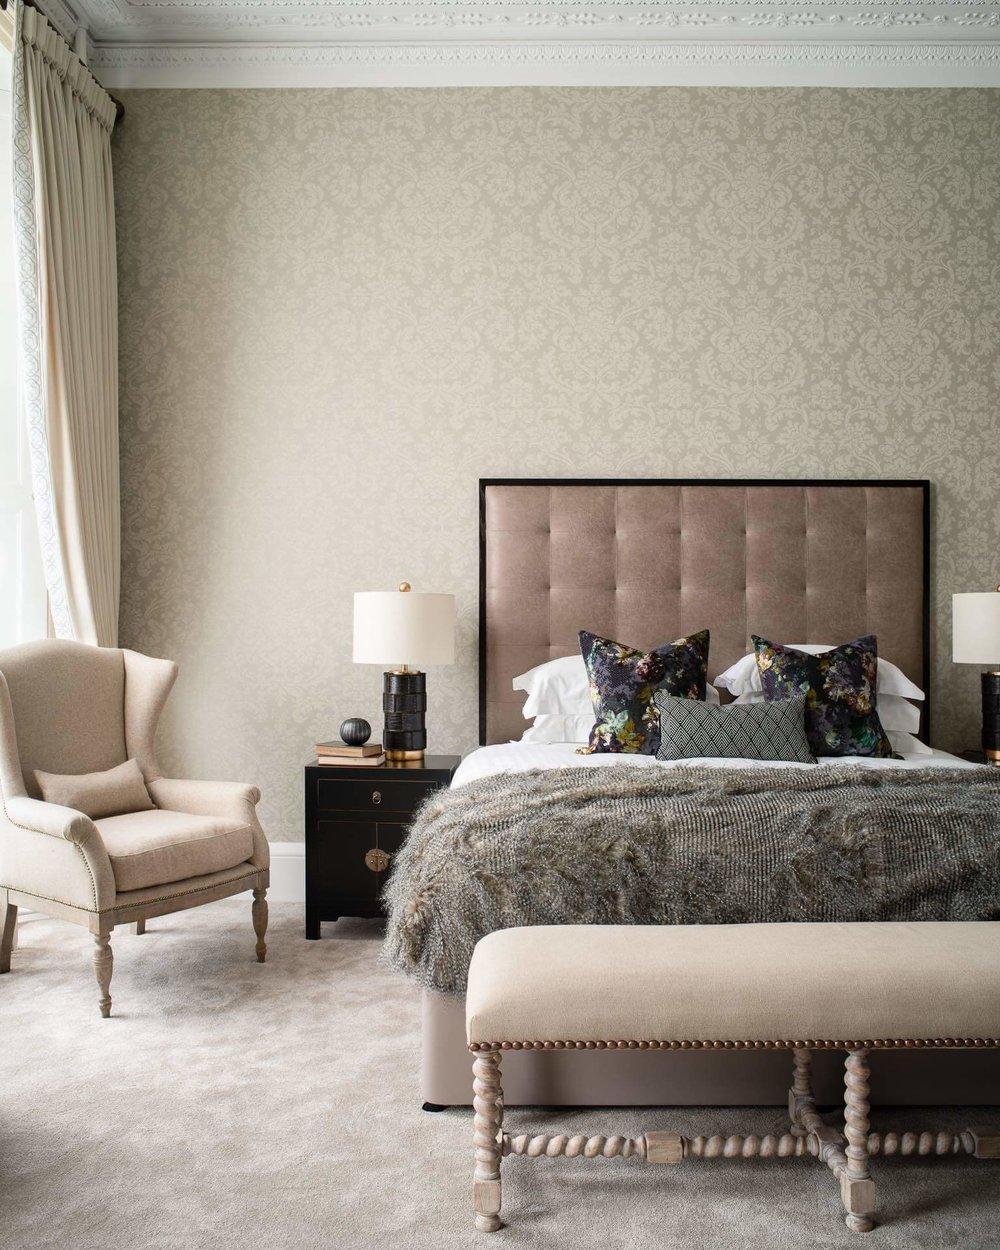 Web - JI - N H Floor 1 Bedroom 1 onepoint stich.jpg